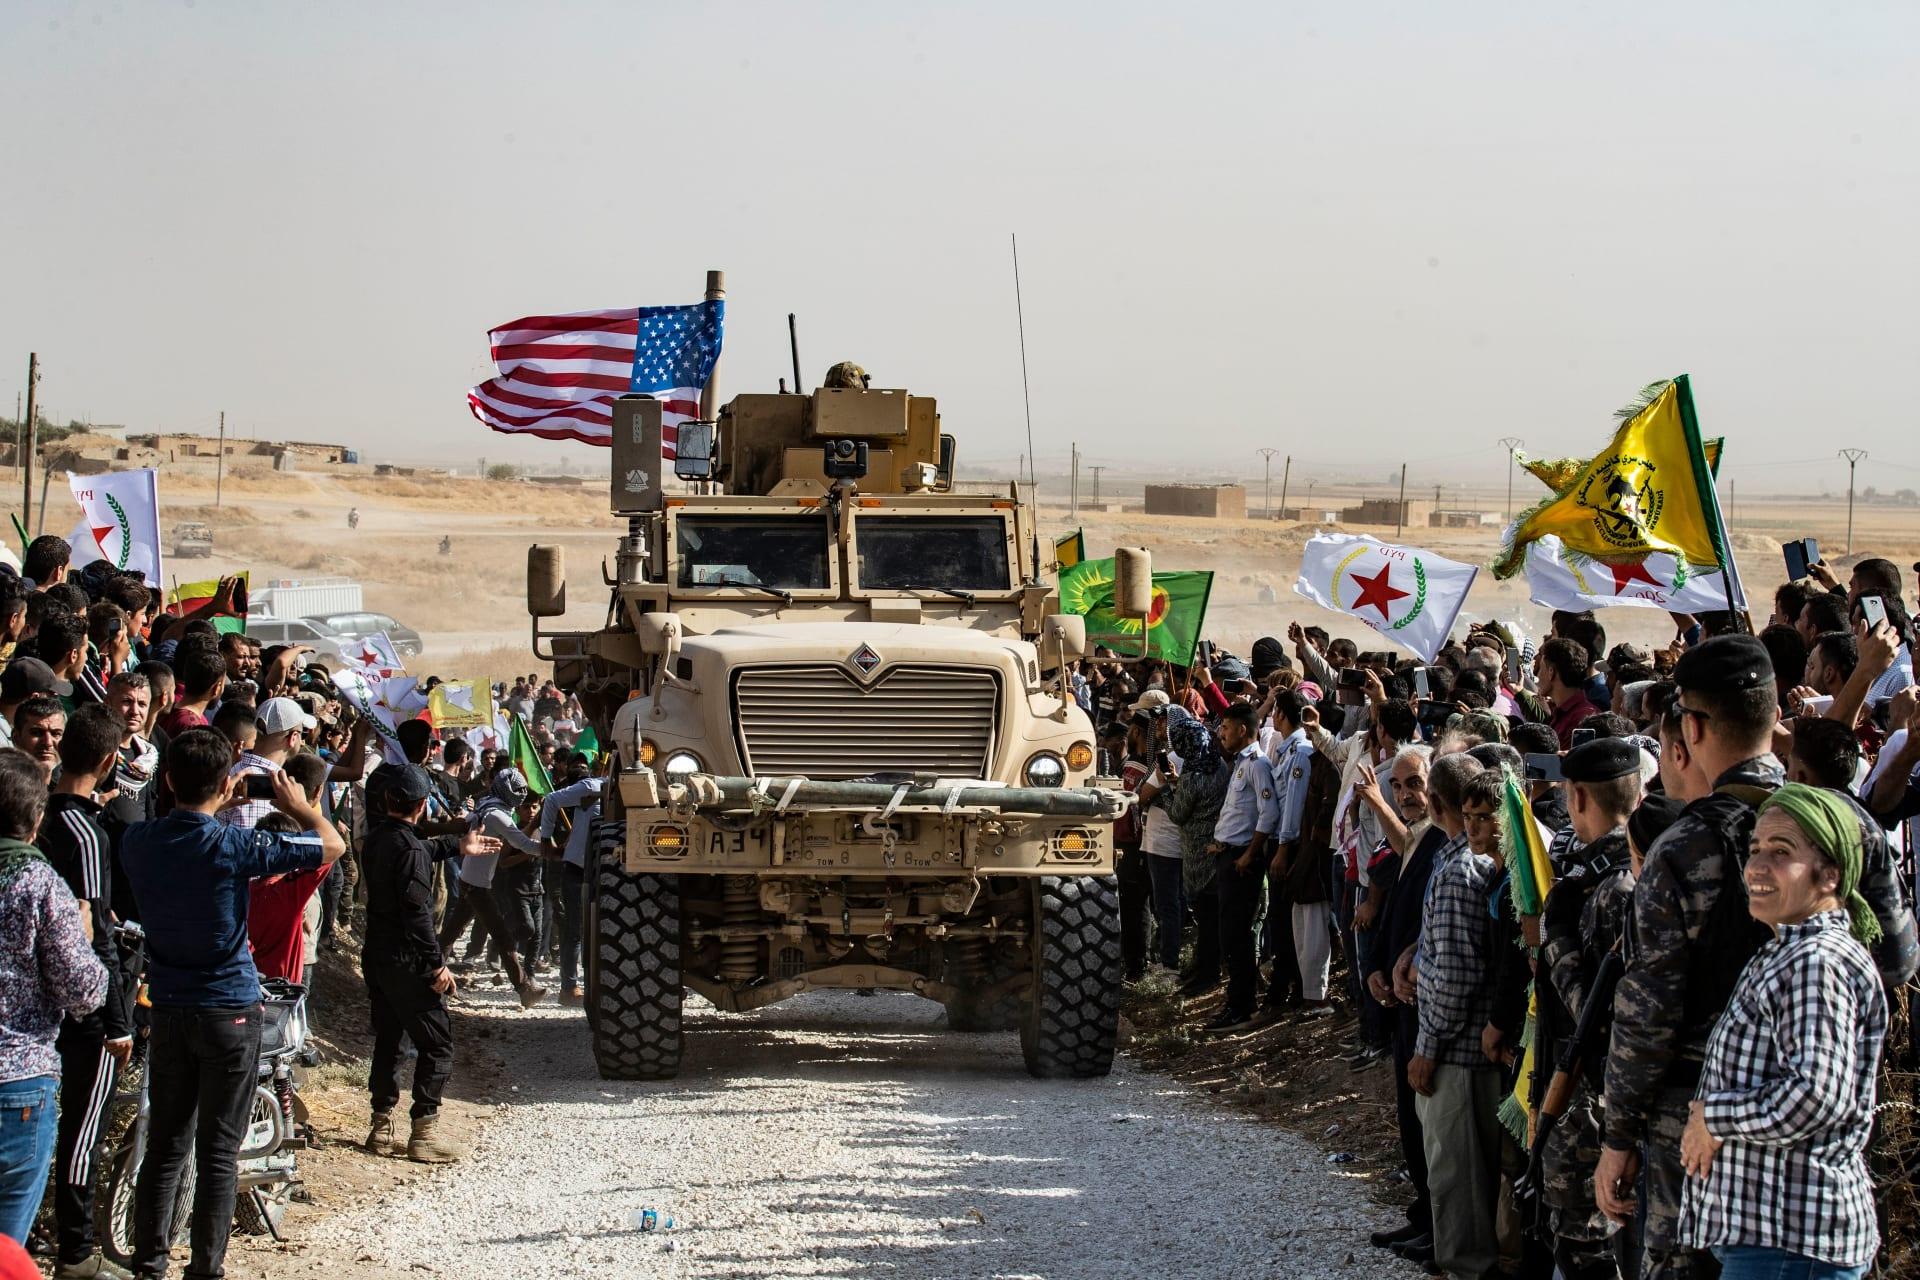 أكراد يتظاهرون ضد العملية العسكرية التركية حول مدرعة أمريكية في شمال سوريا